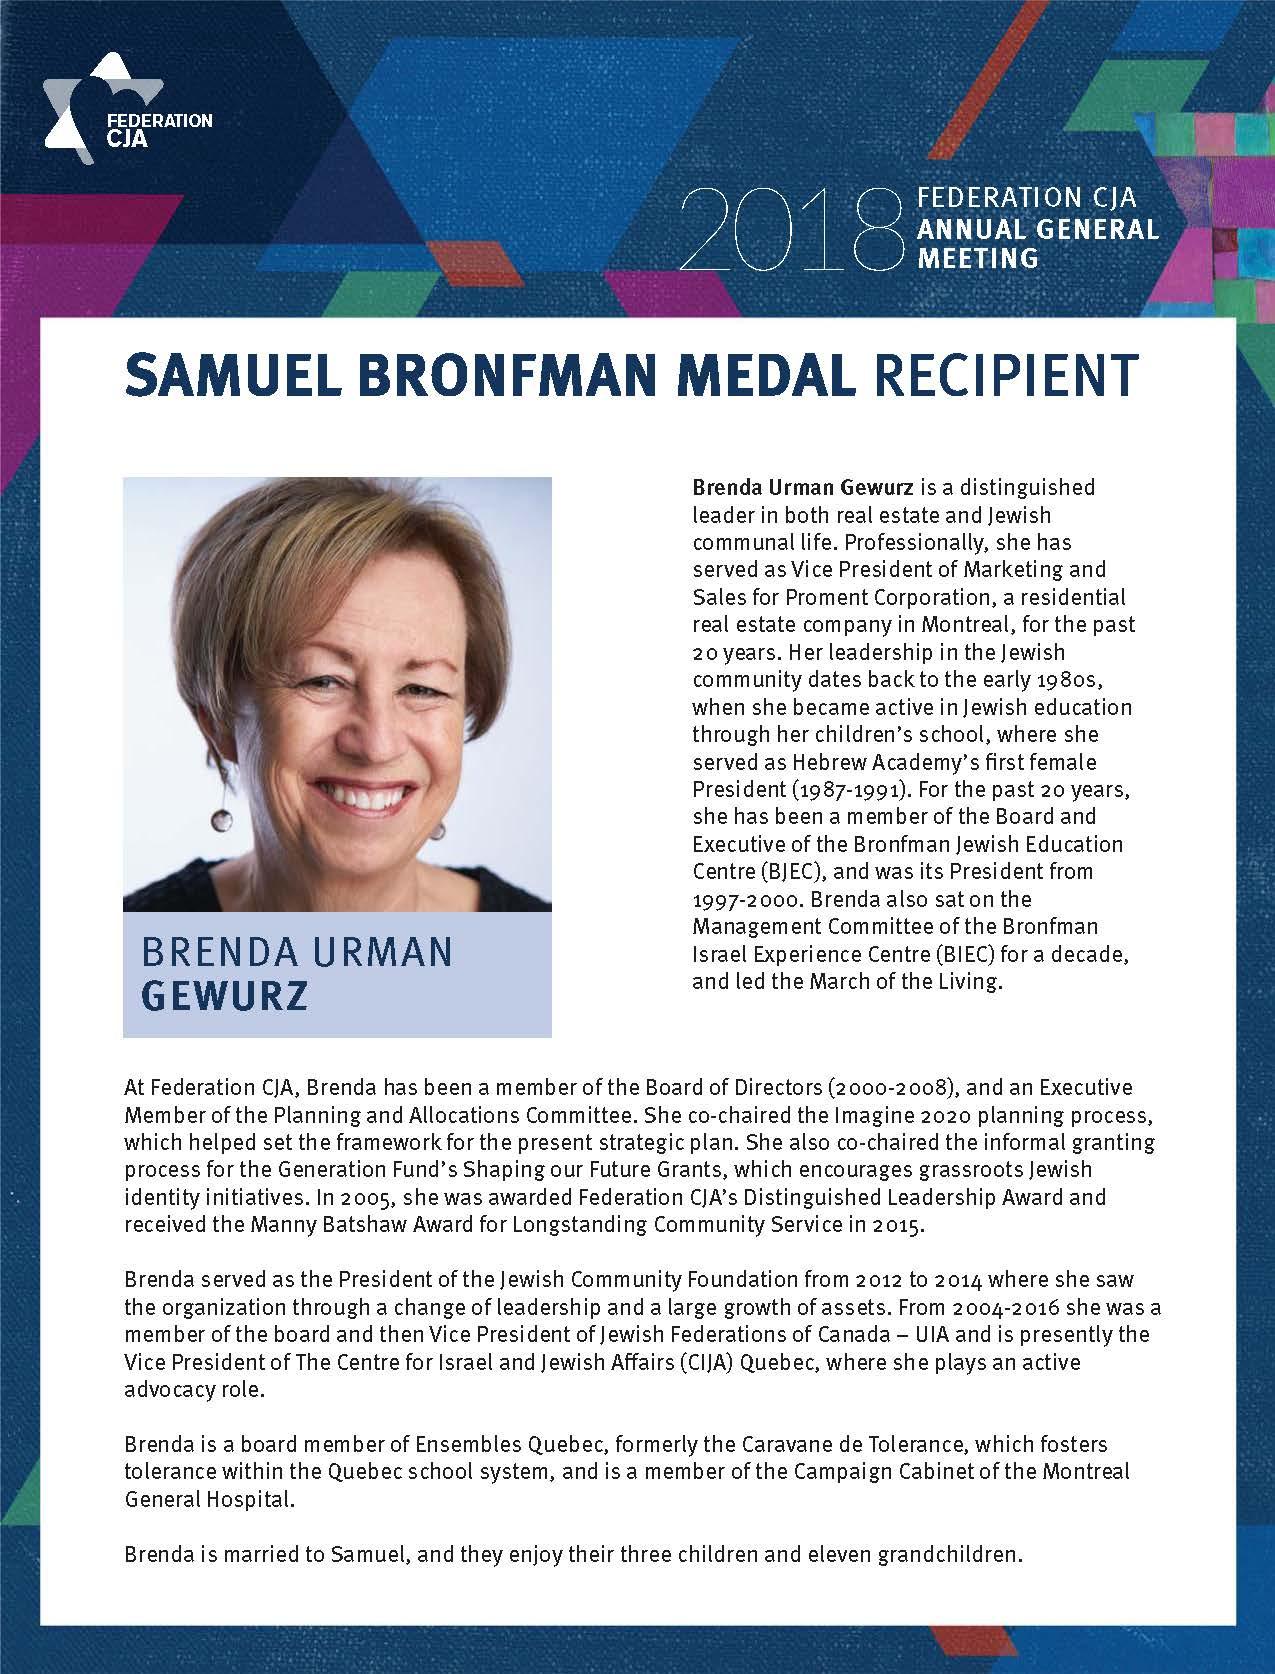 Brenda Gewurz is Recipient of Samuel Bronfman Medal | Jewish